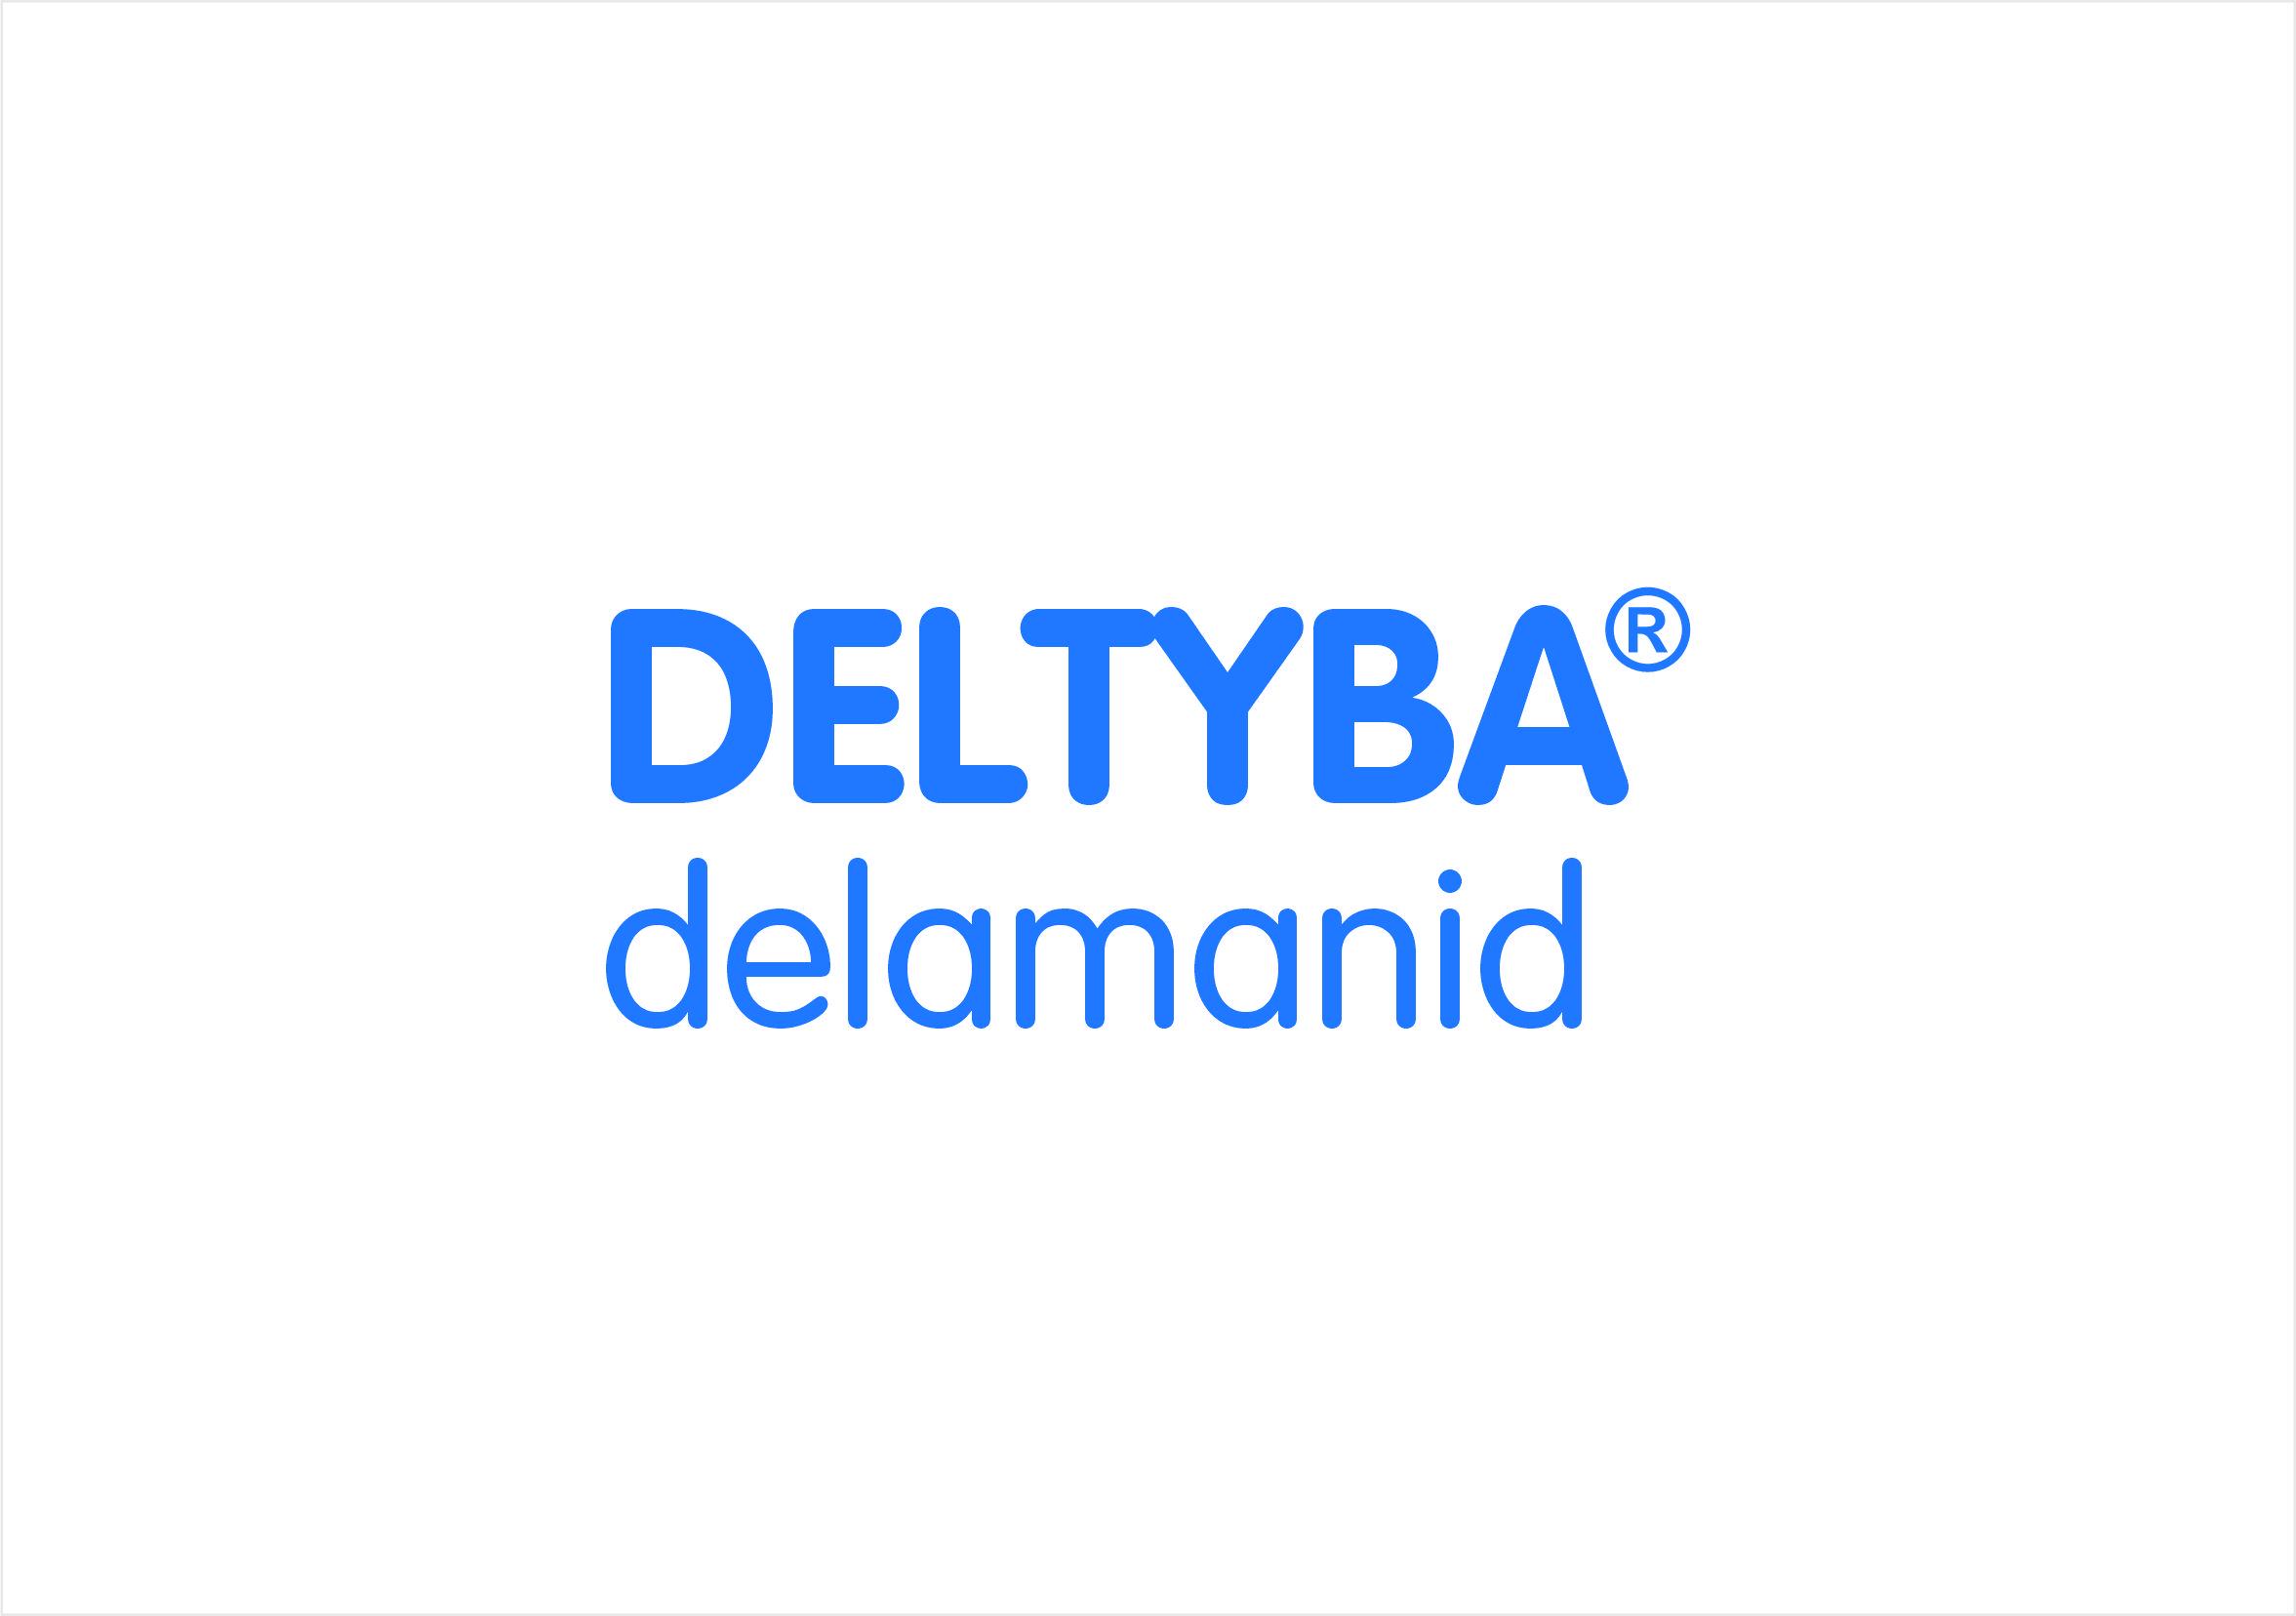 Deltyba